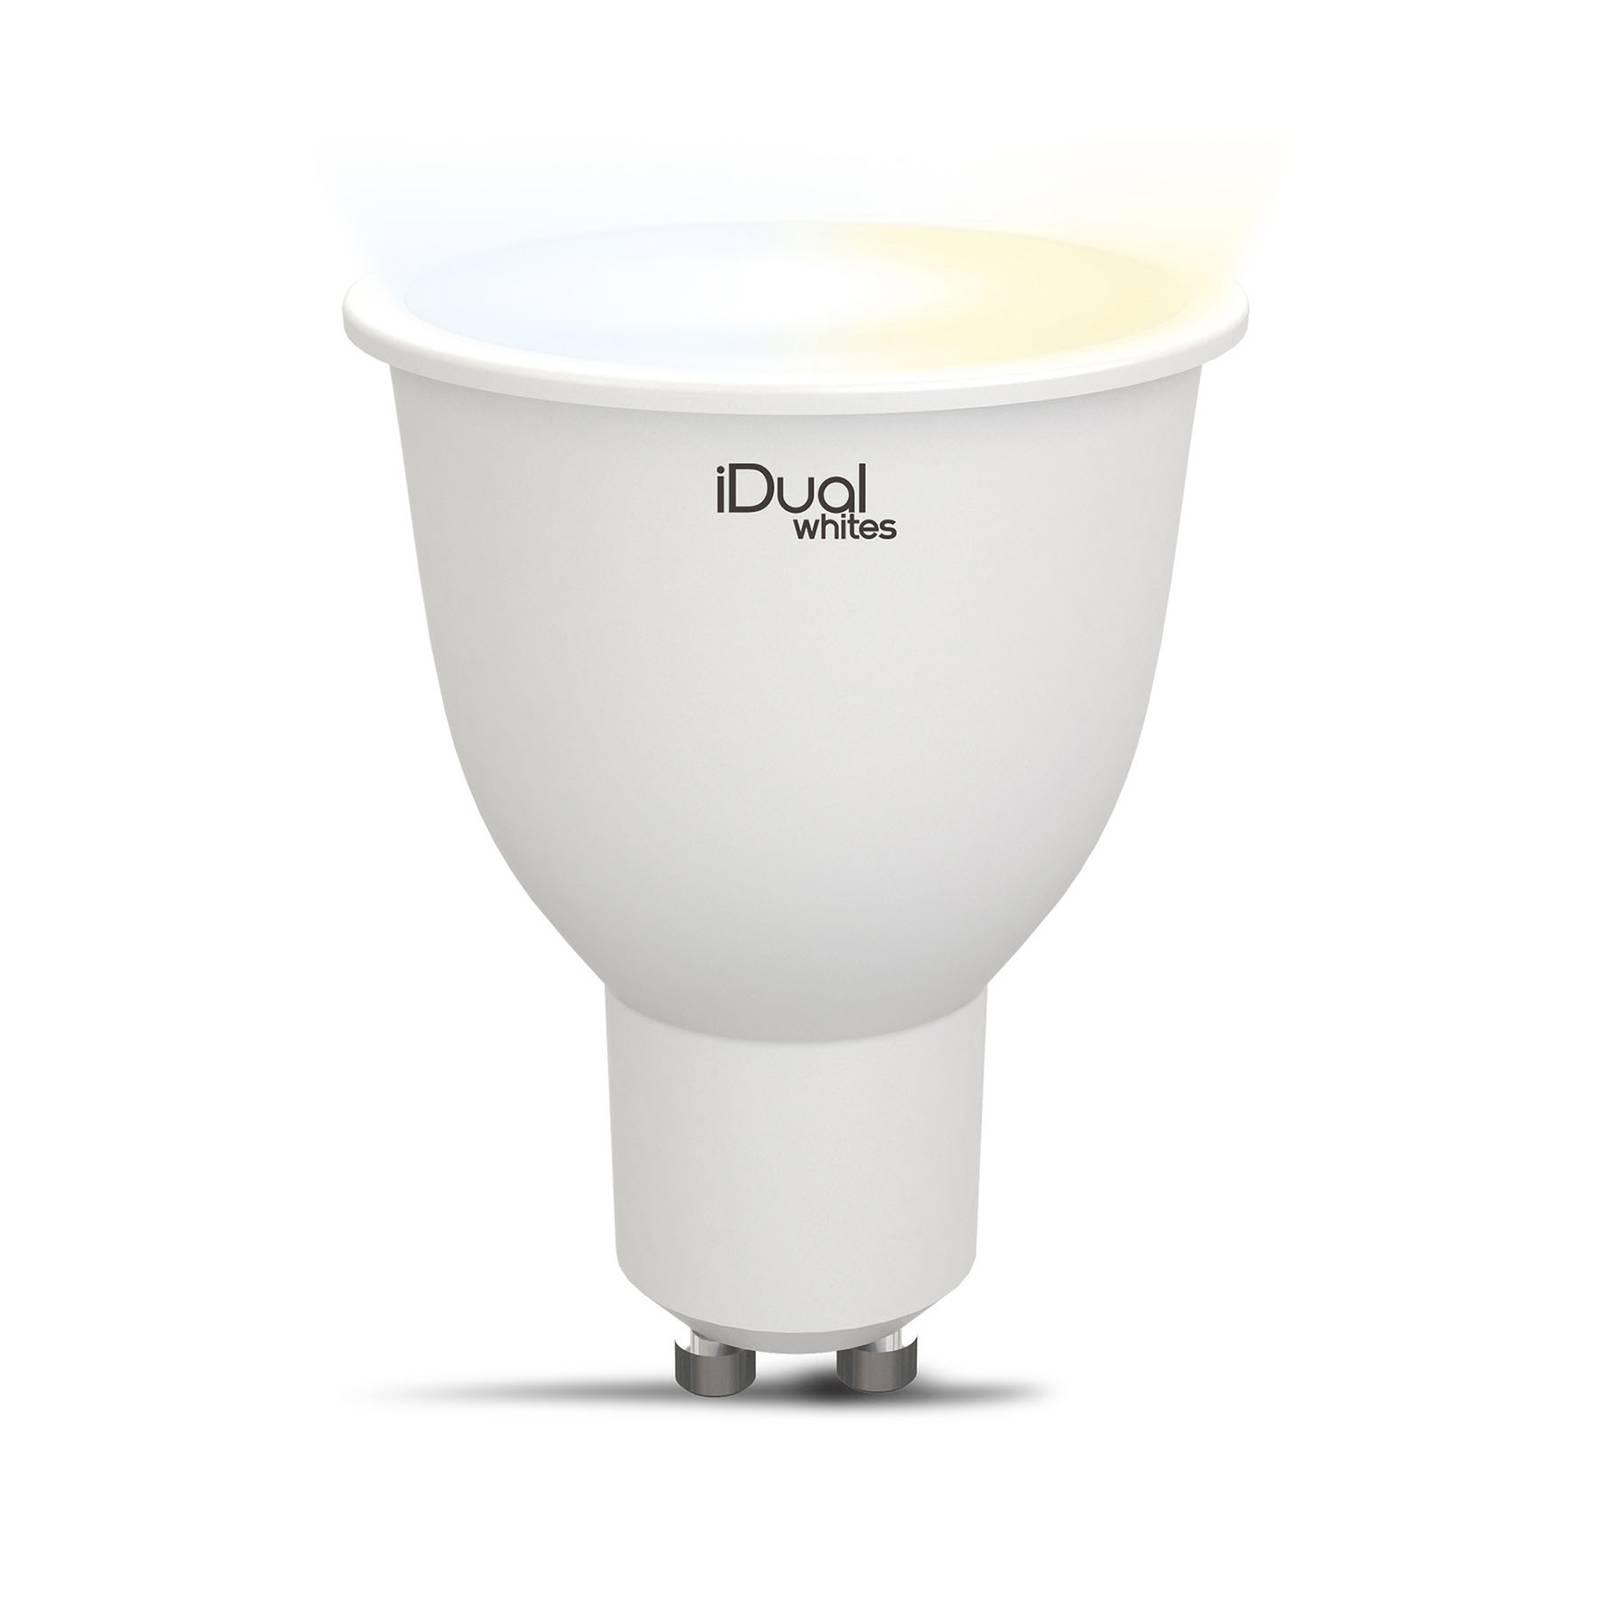 iDual Whites-LED-heljastin GU10 5,8W tunable white